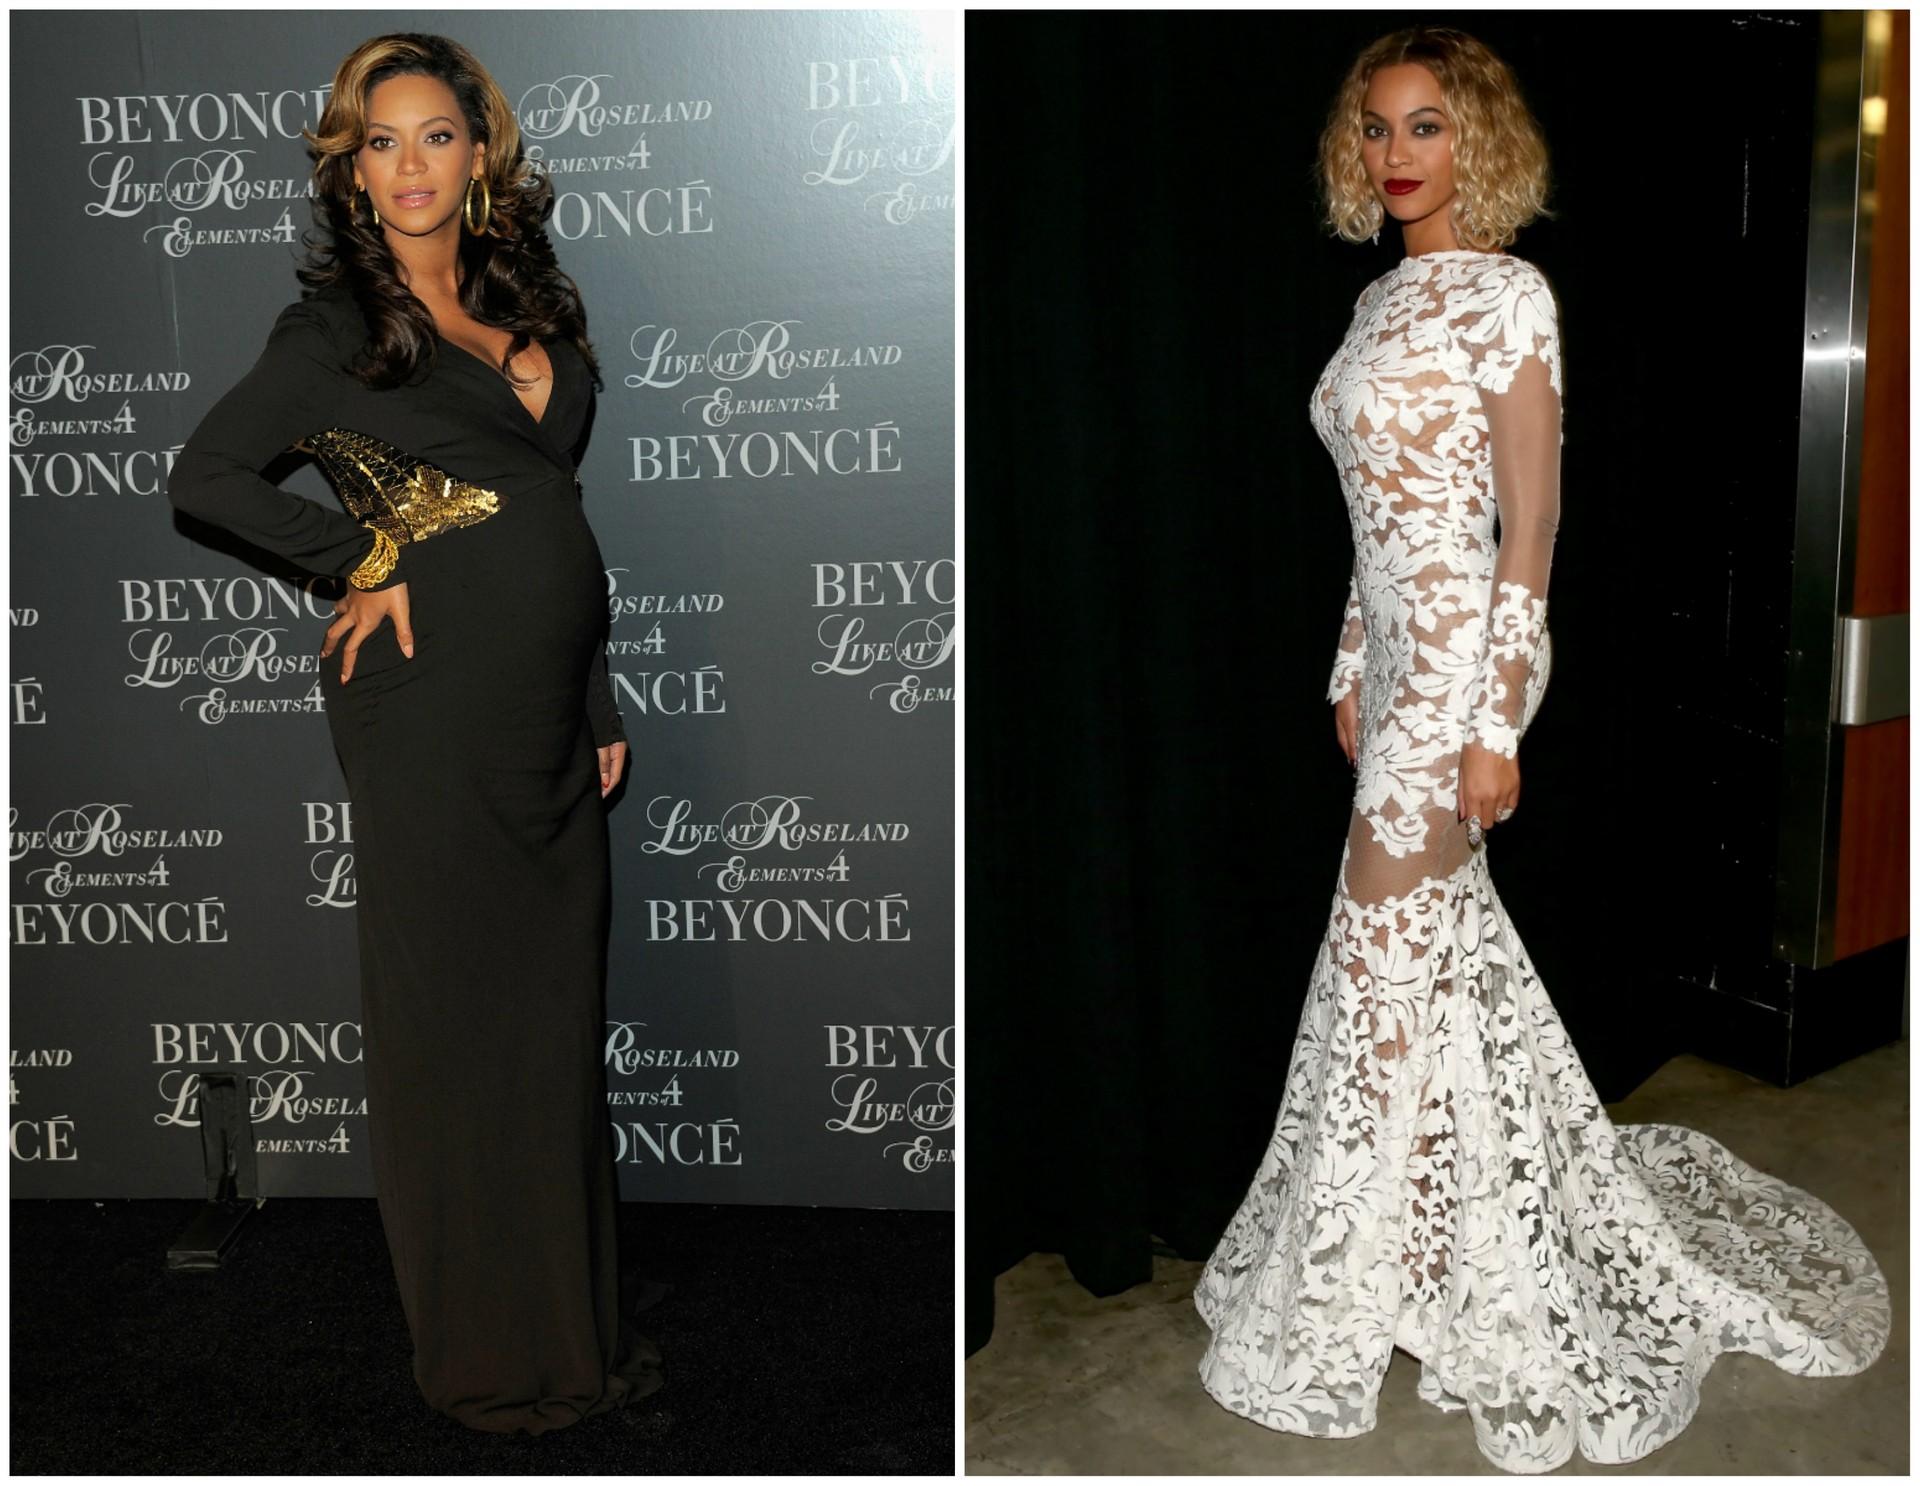 Beyoncé em novembro de 2011 (à esq.) e em janeiro de 2014. A filha da cantora se chama Blue Ivy e nasceu em janeiro de 2012. (Foto: Getty Images)